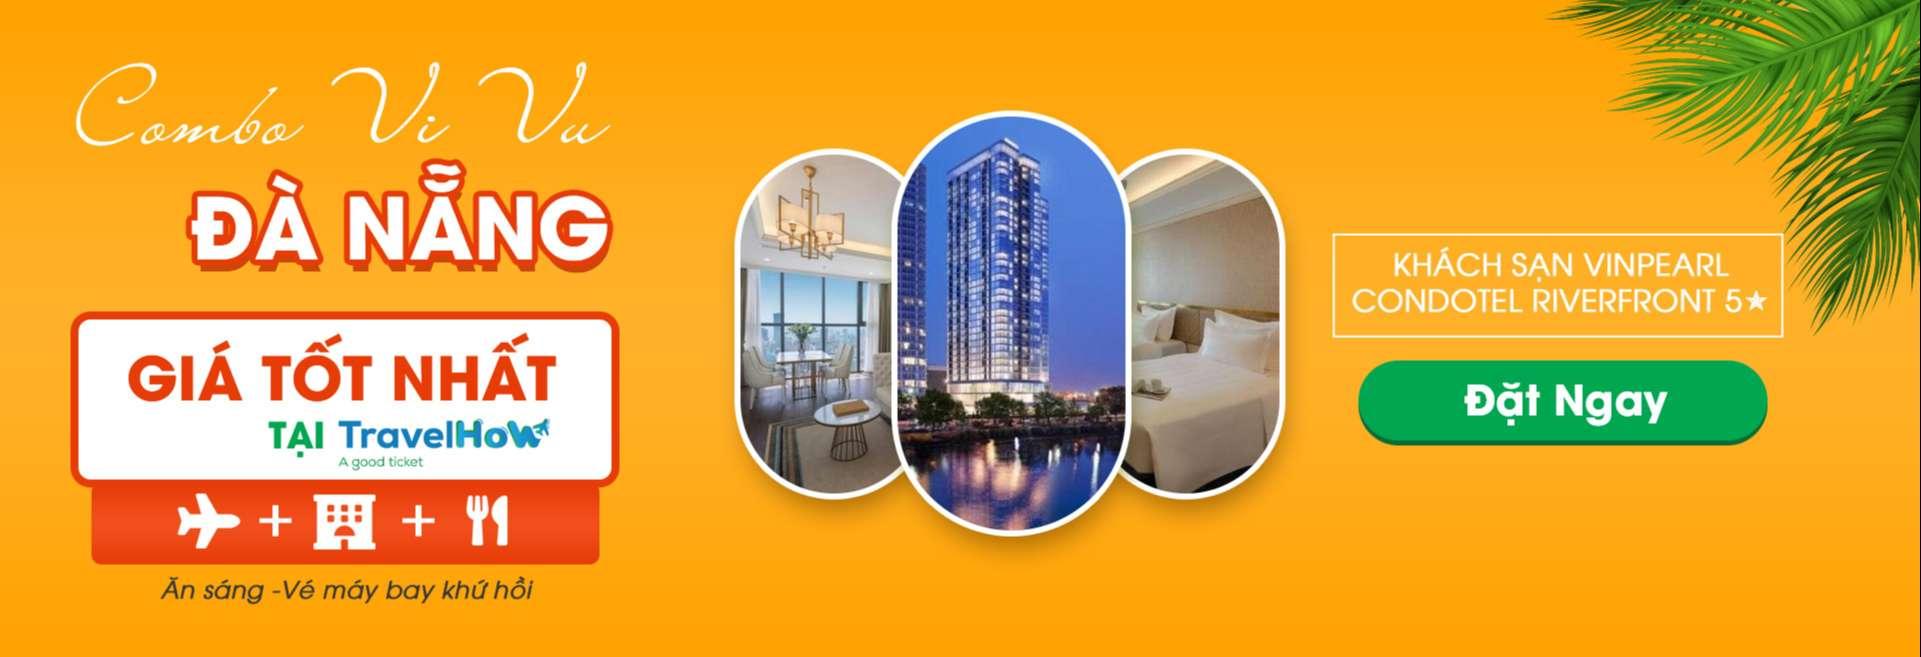 Combo – Đà Nẵng khách sạn Vinpearl Condotel Riverfront 5 sao